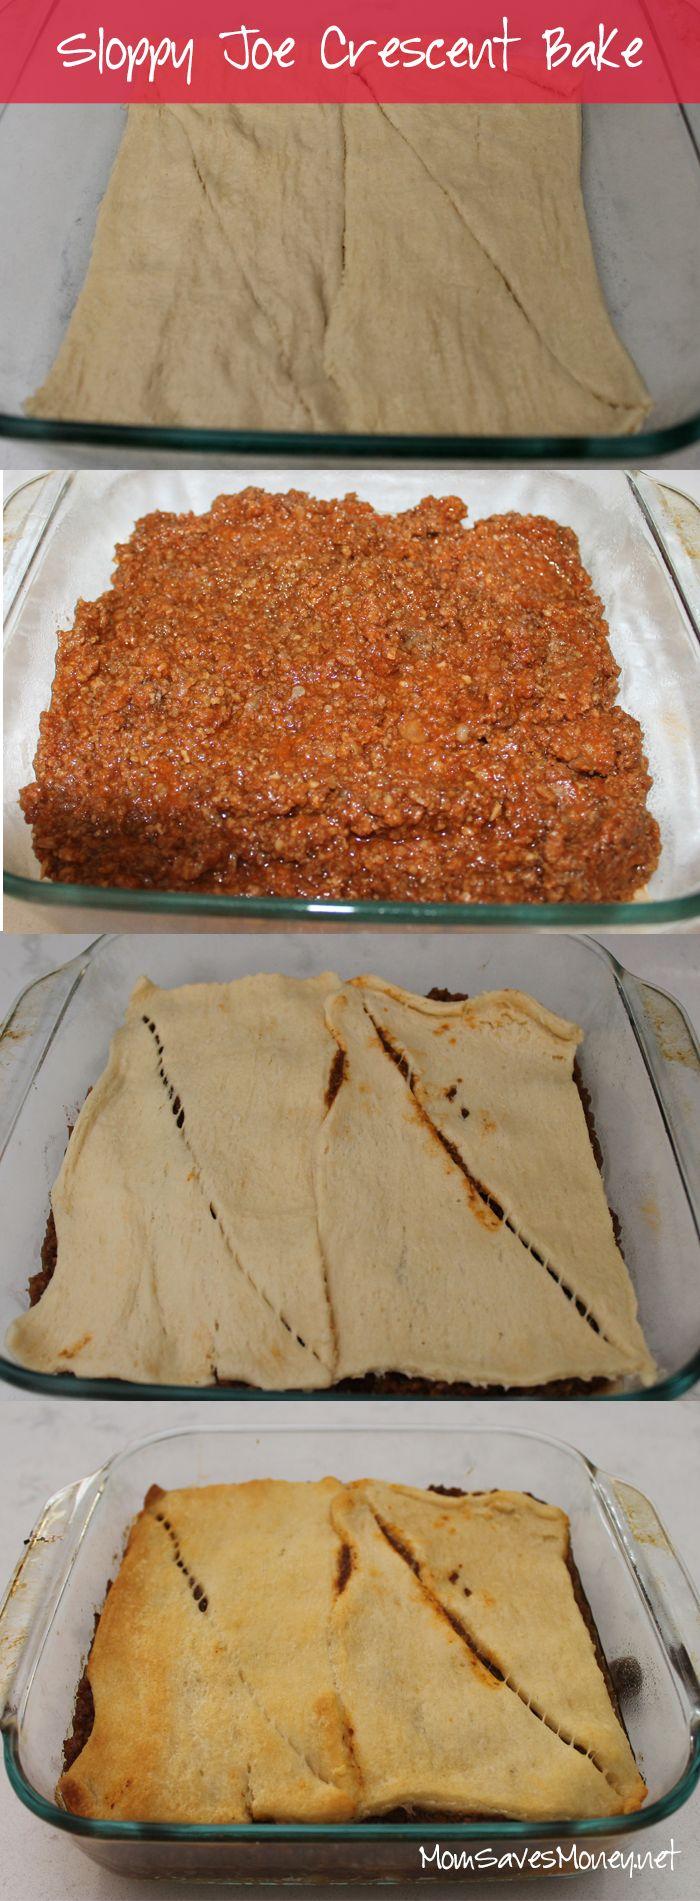 2-ingredient sloppy joe crescent bake! Great for leftover sloppy joes.